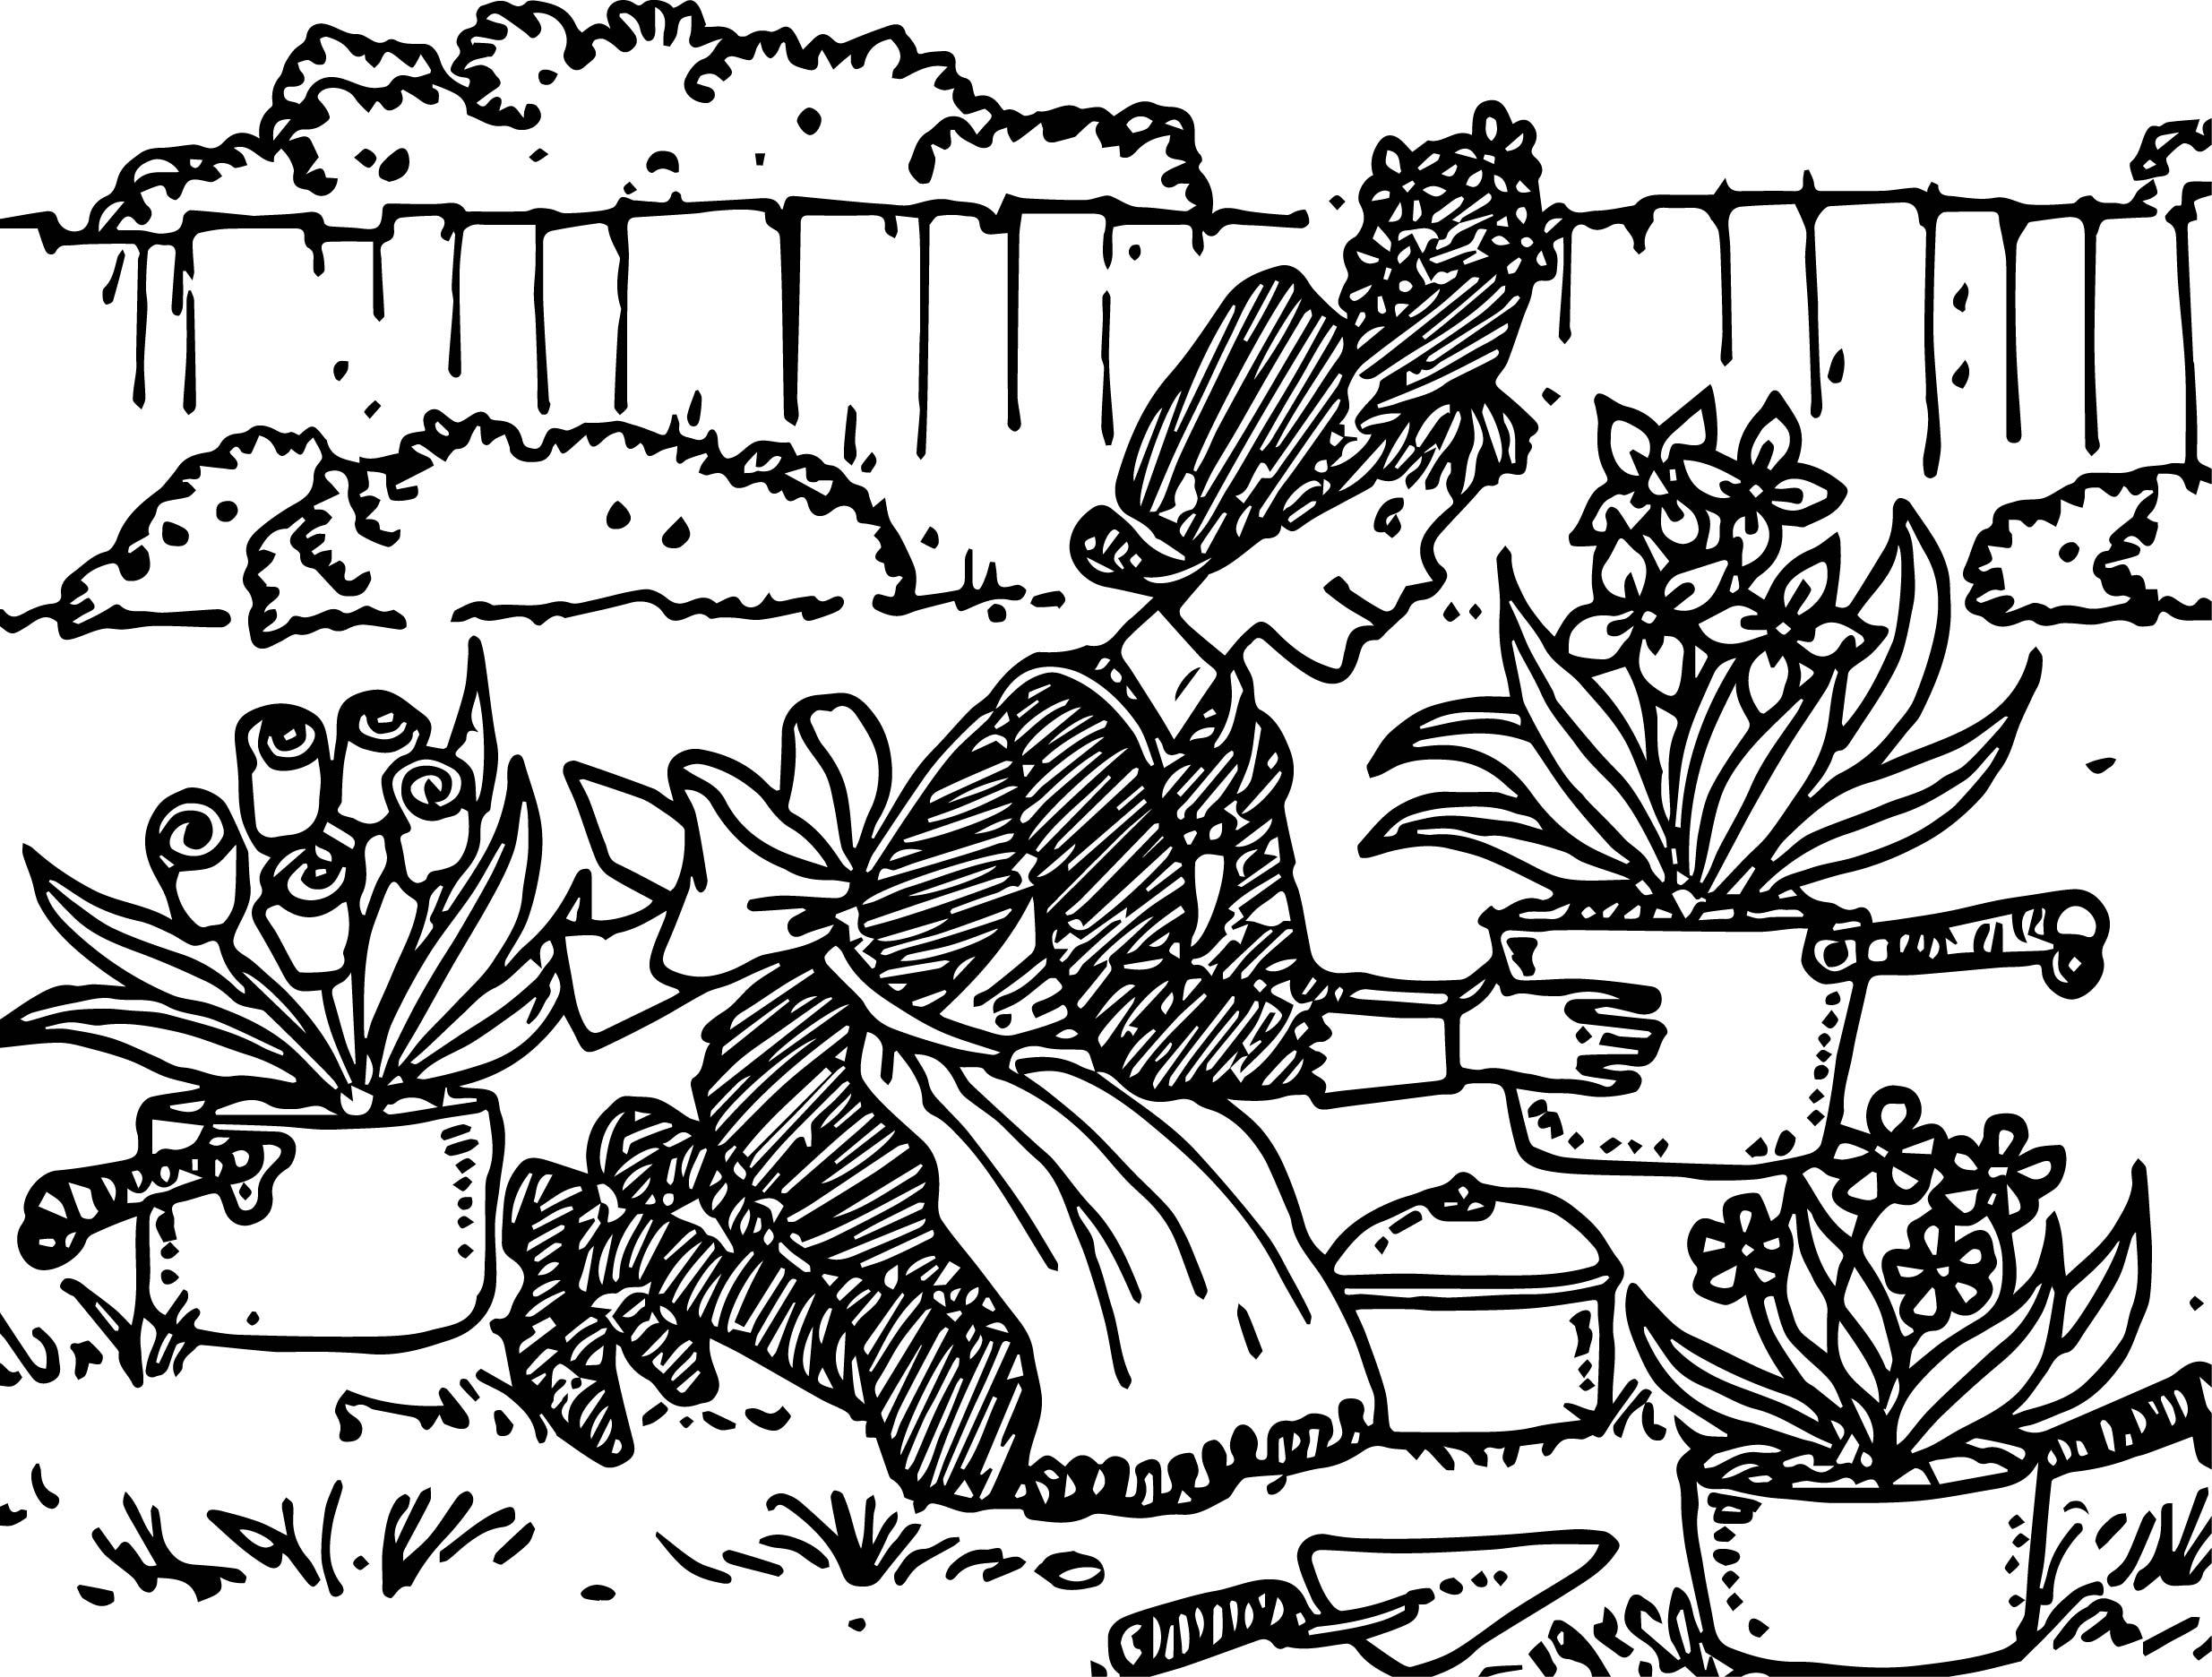 Amelia Bedelia Collage Garden Coloring Page